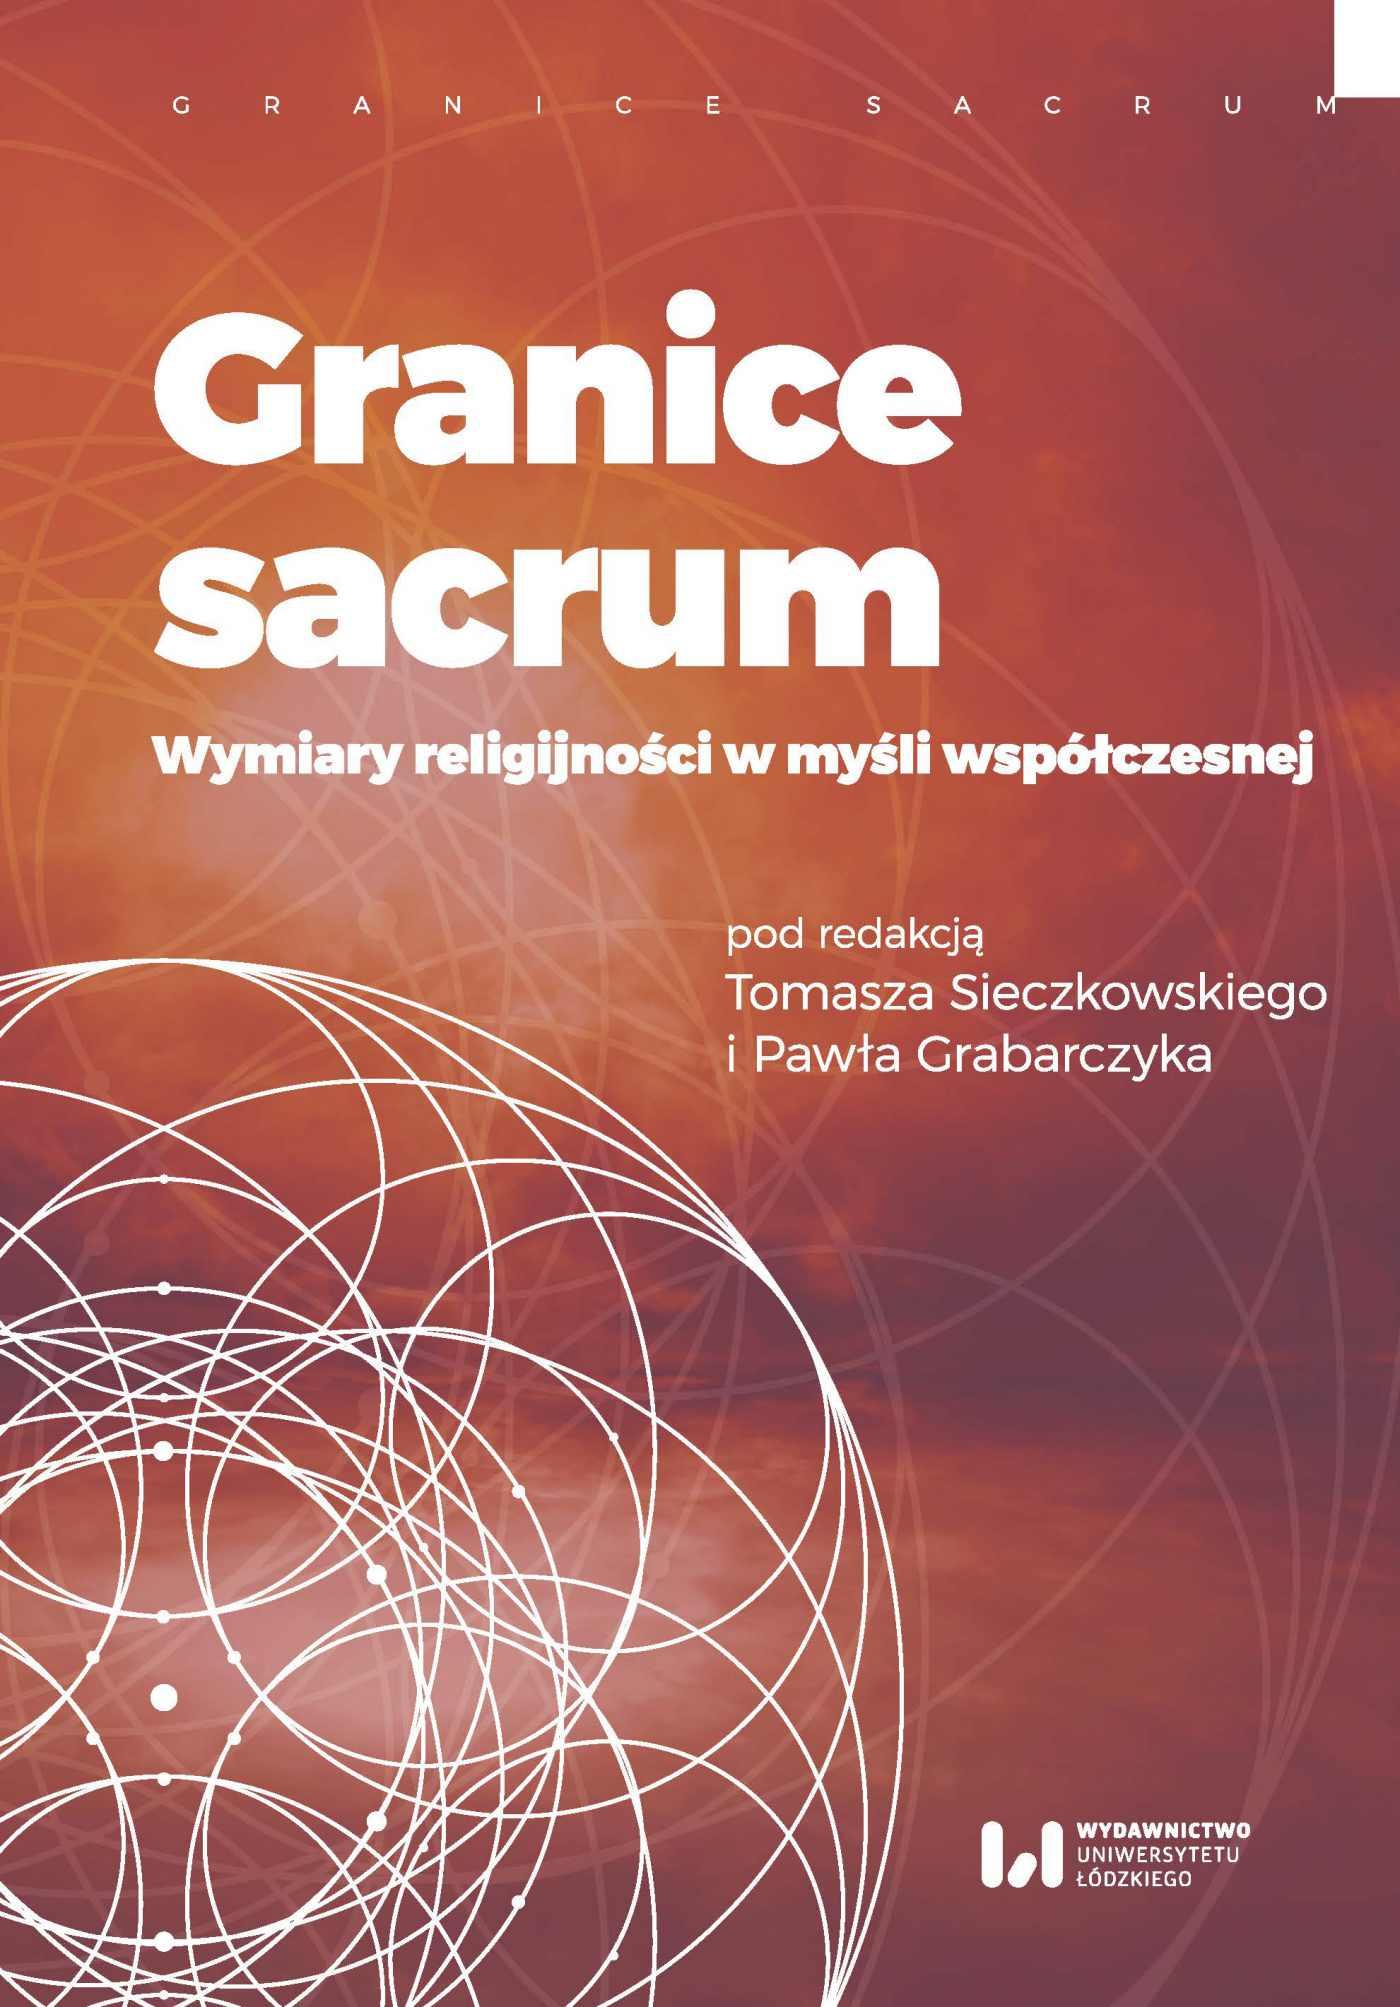 Granice sacrum. Wymiary religijności w myśli współczesnej - Ebook (Książka na Kindle) do pobrania w formacie MOBI